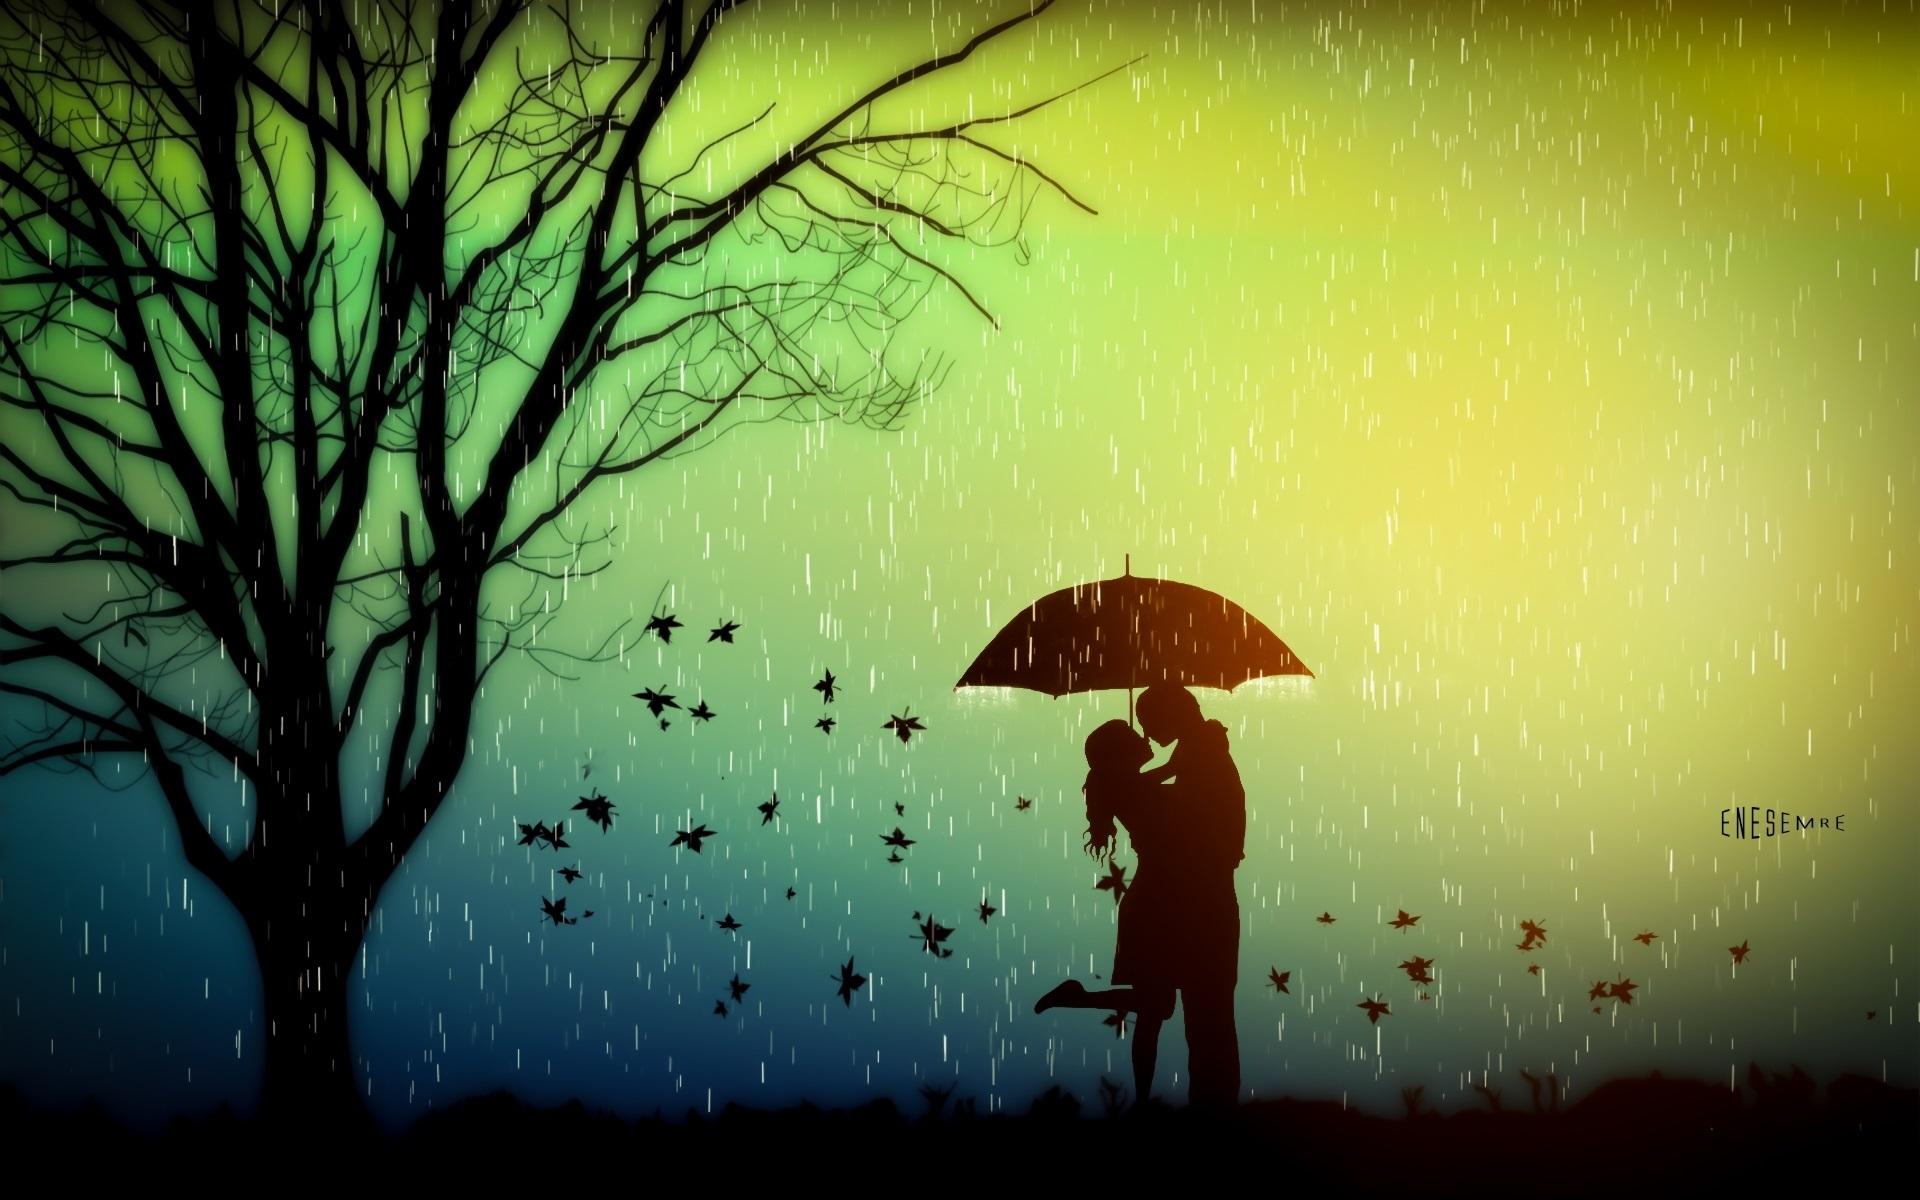 девушка зонт дождь природа  № 3582463 загрузить